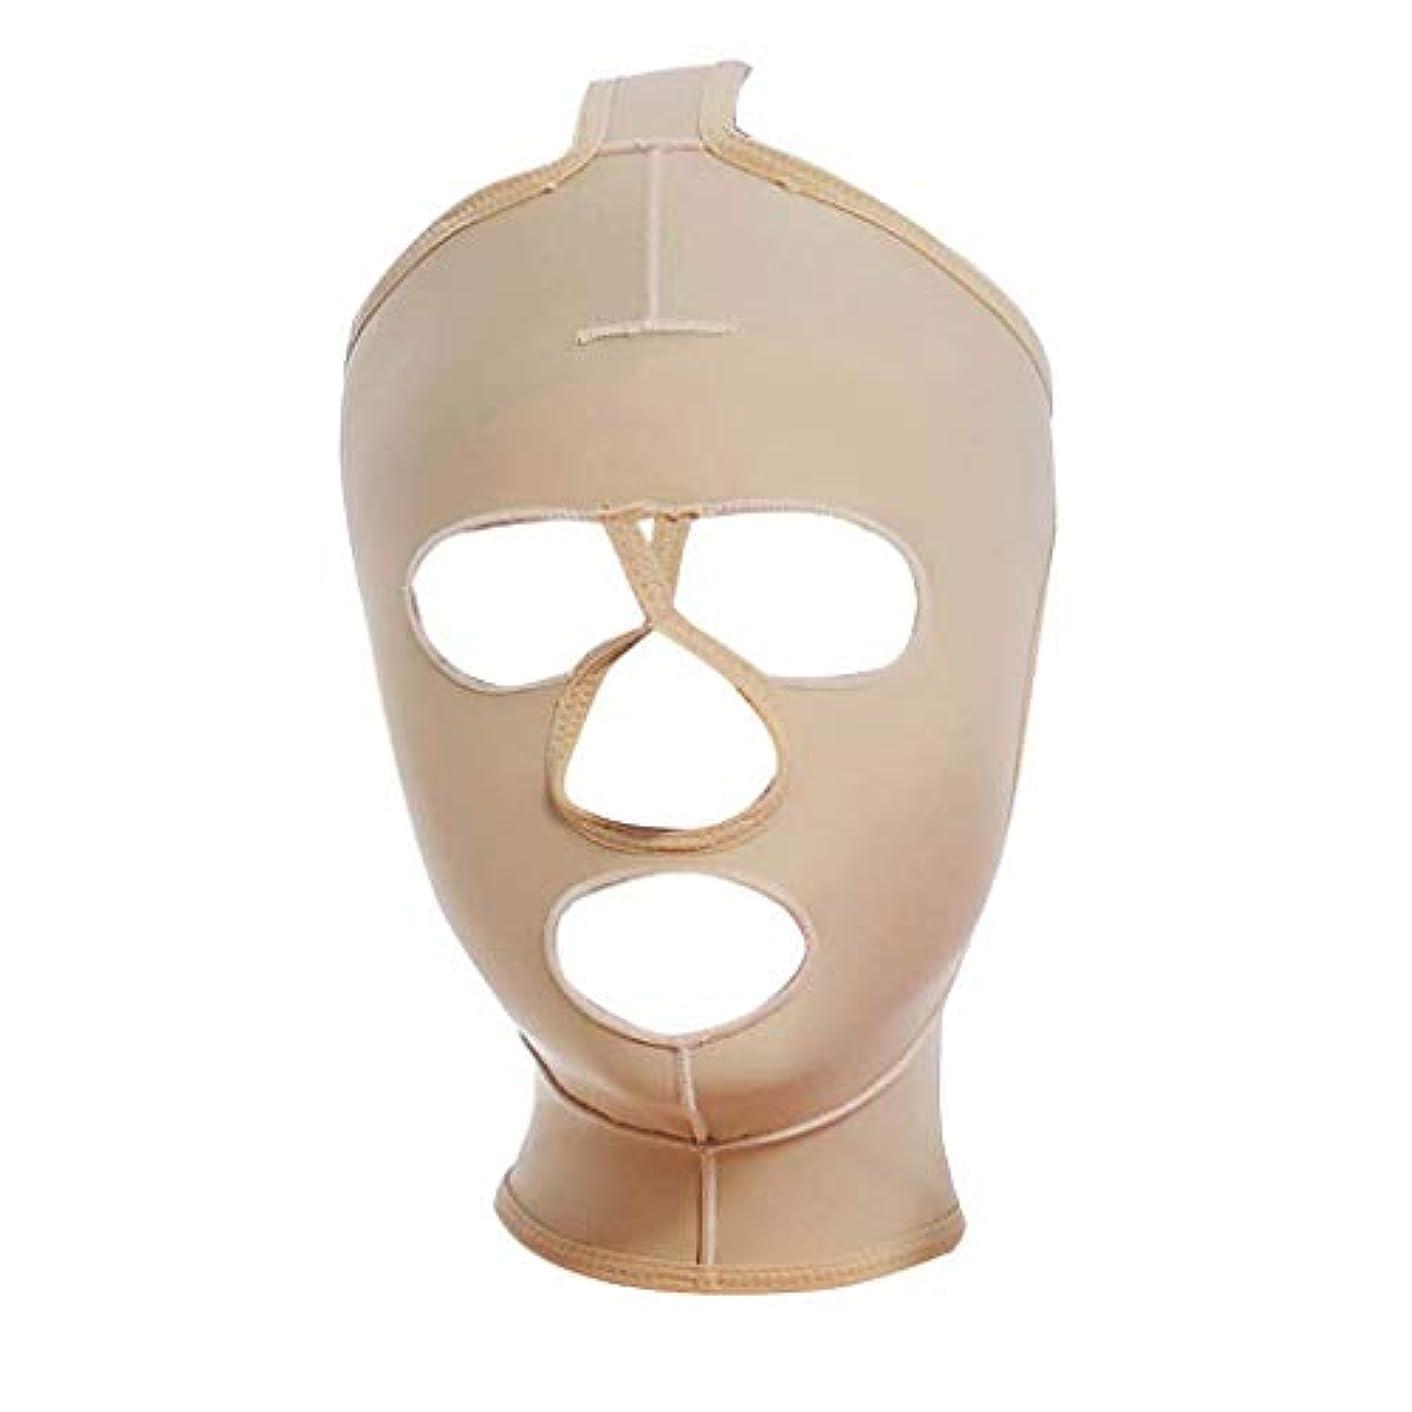 ペルソナ充実見えるフェイス&ネックリフト、減量フェイスマスク脂肪吸引術脂肪吸引術整形マスクフードフェイスリフティングアーティファクトVフェイスビームフェイス弾性スリーブ(サイズ:XXL),XS